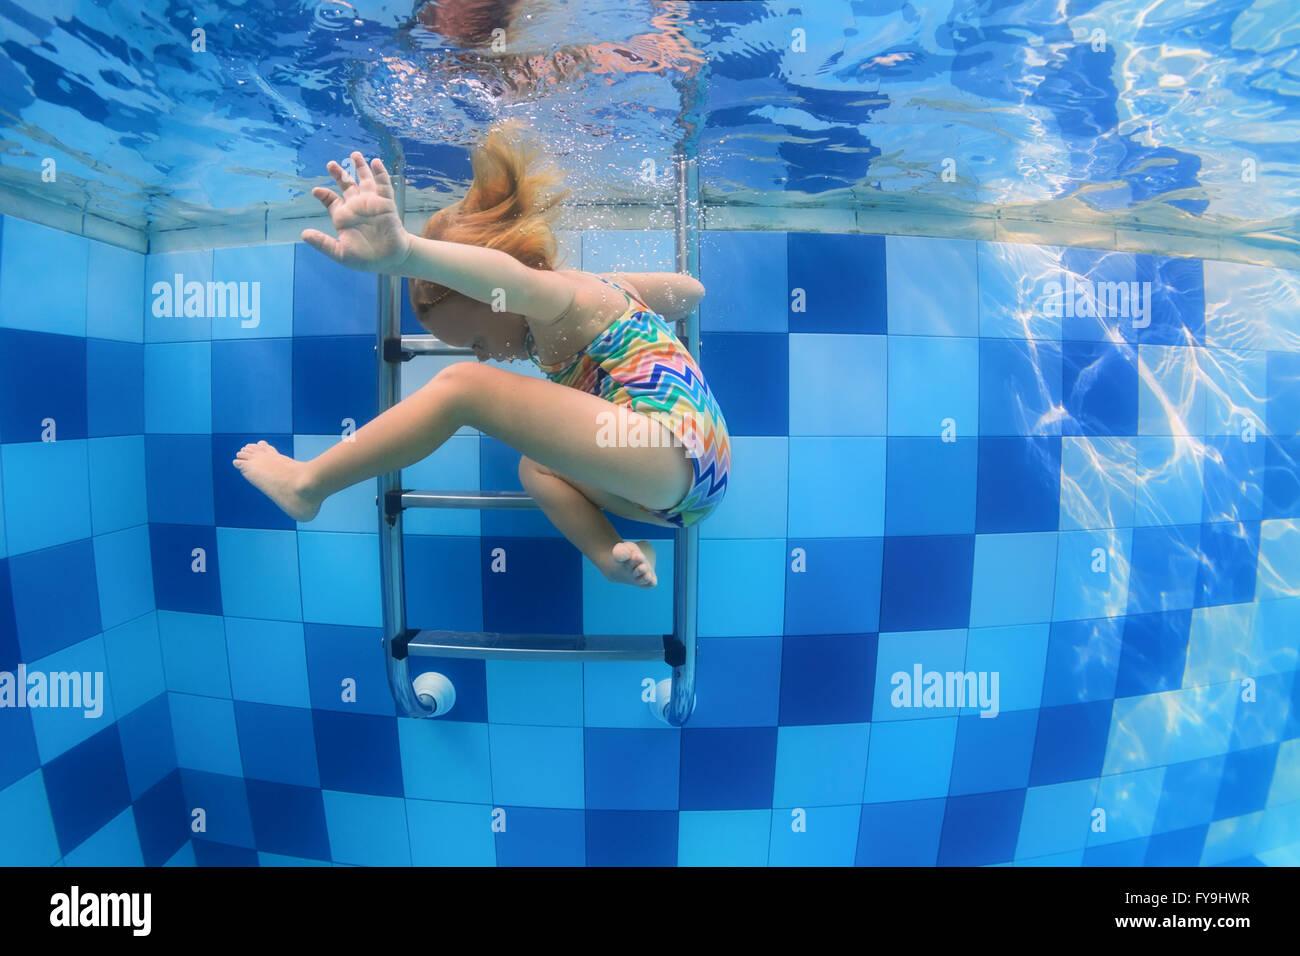 Gracioso foto de niña nadar y bucear en la piscina con la diversión - saltar profundo subacuático Imagen De Stock